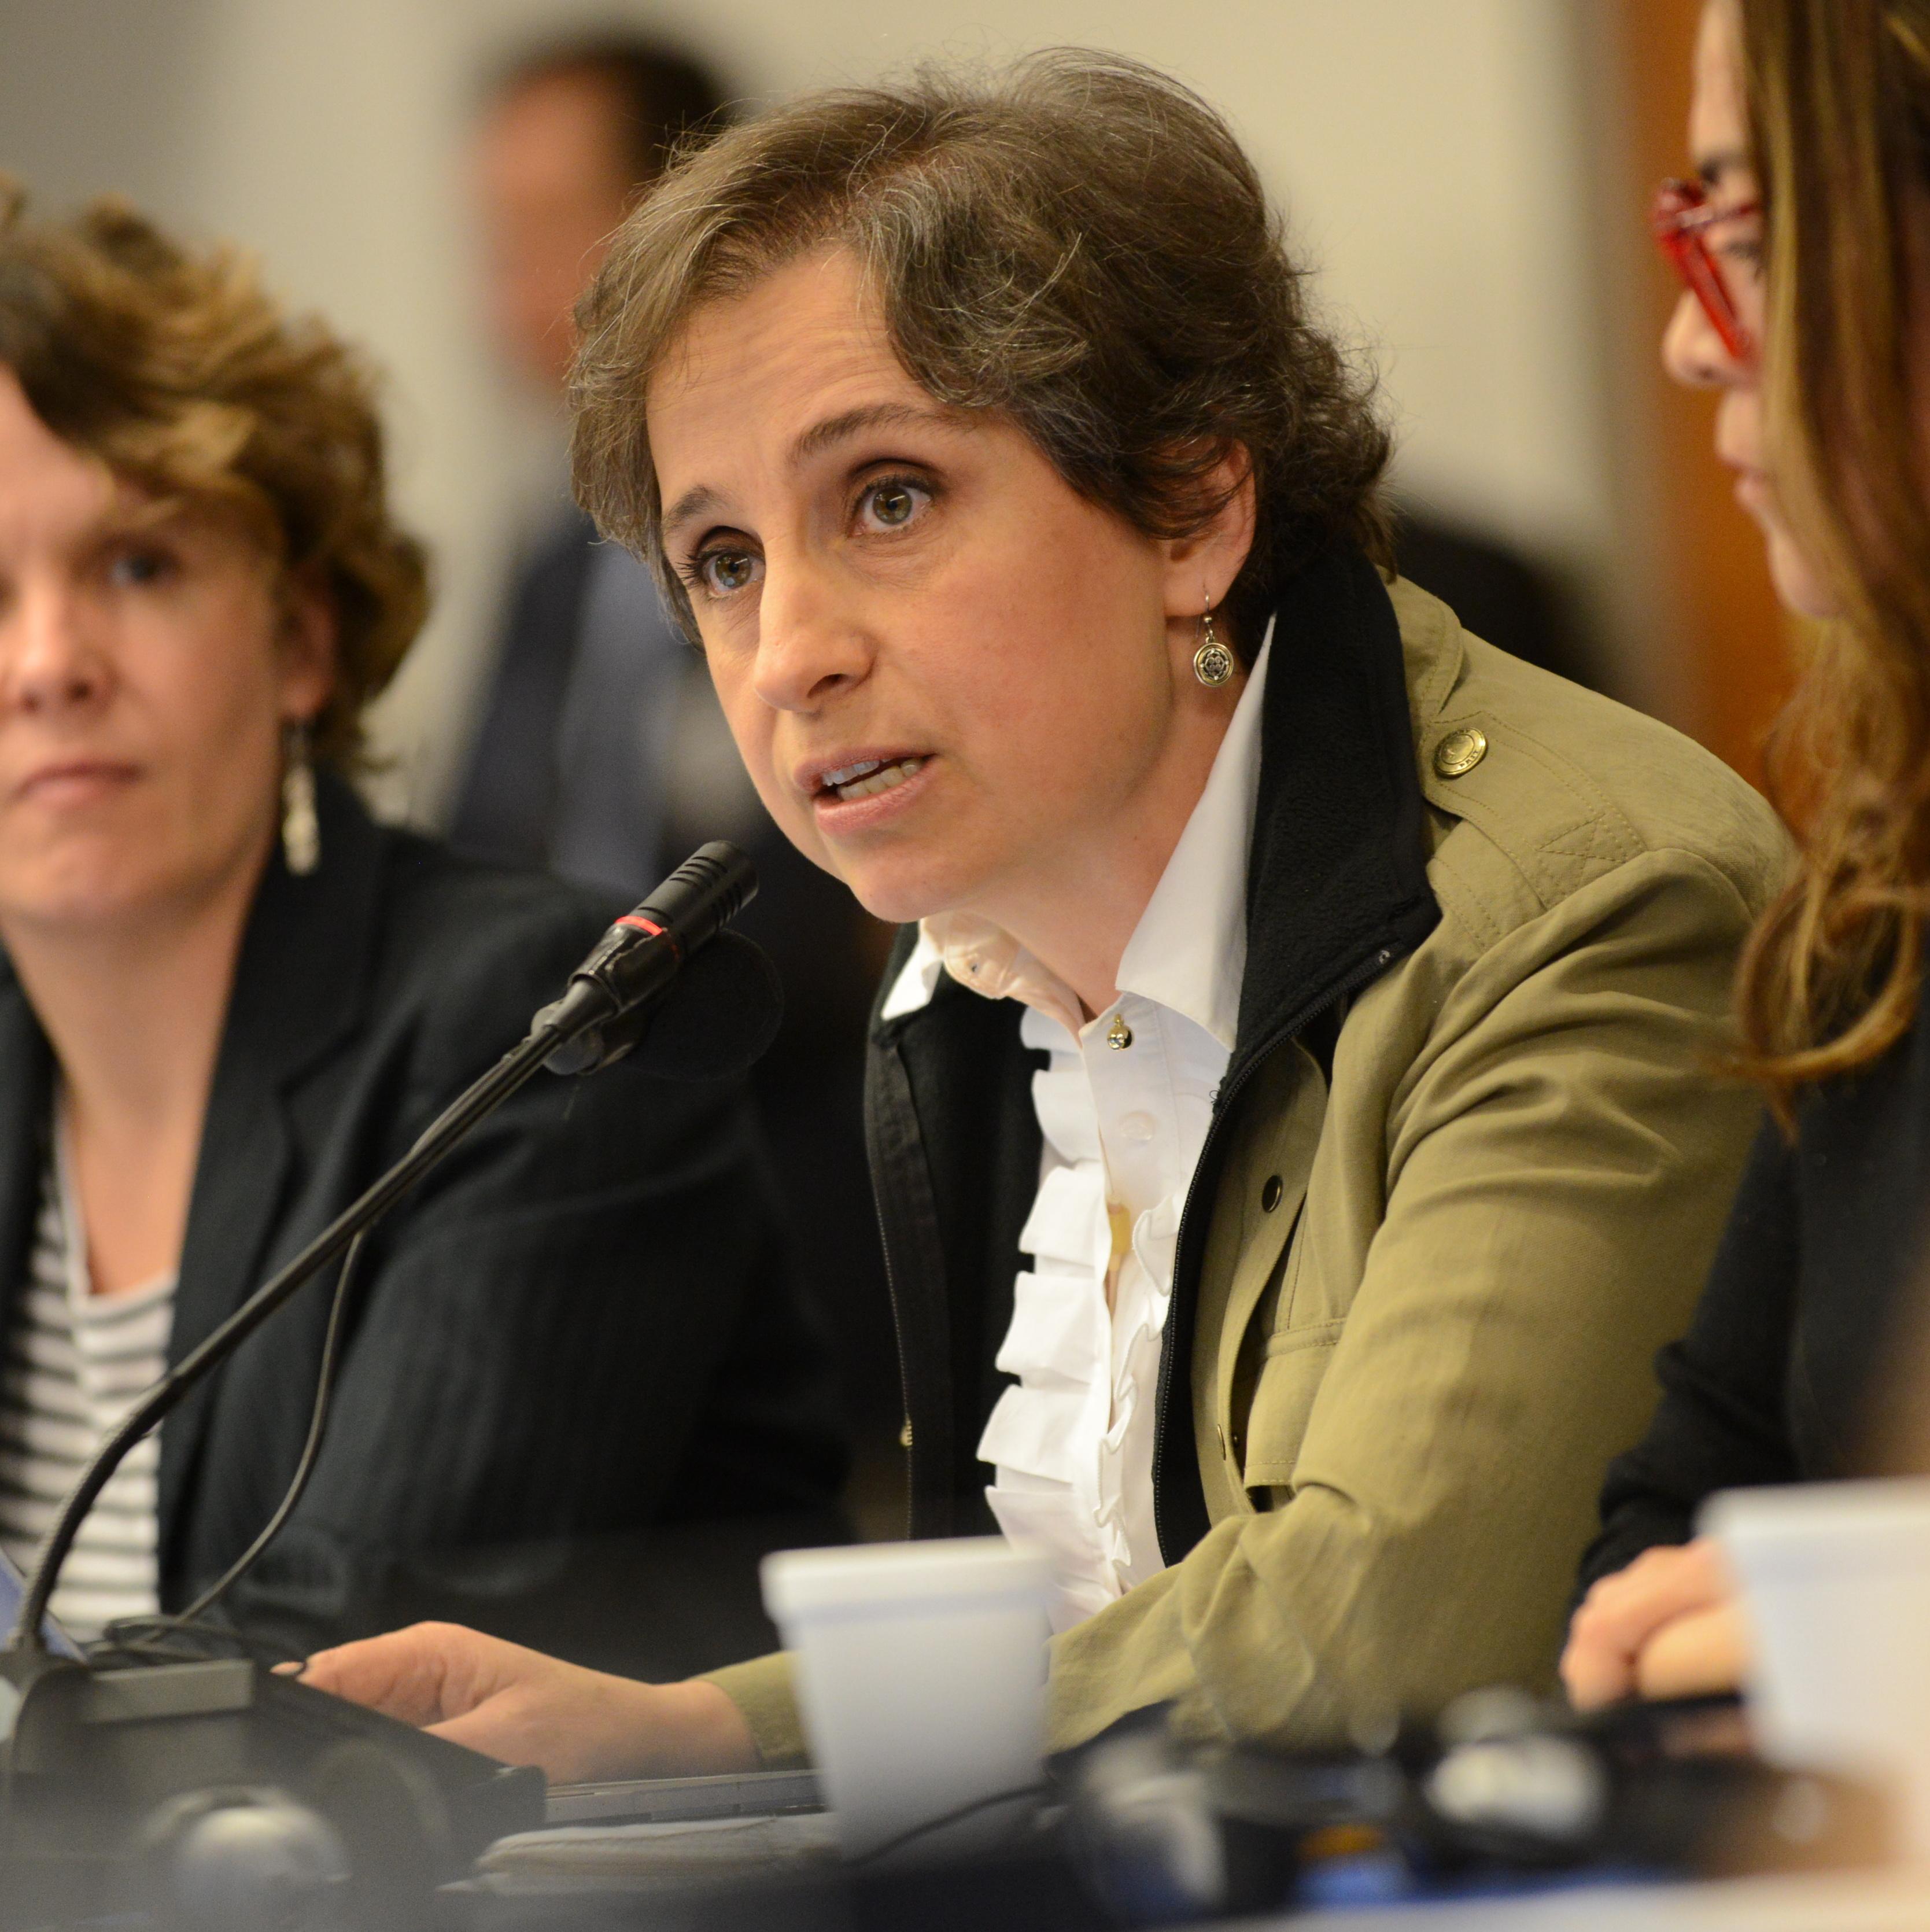 Veja o que saiu no Migalhas sobre Carmen Aristegui